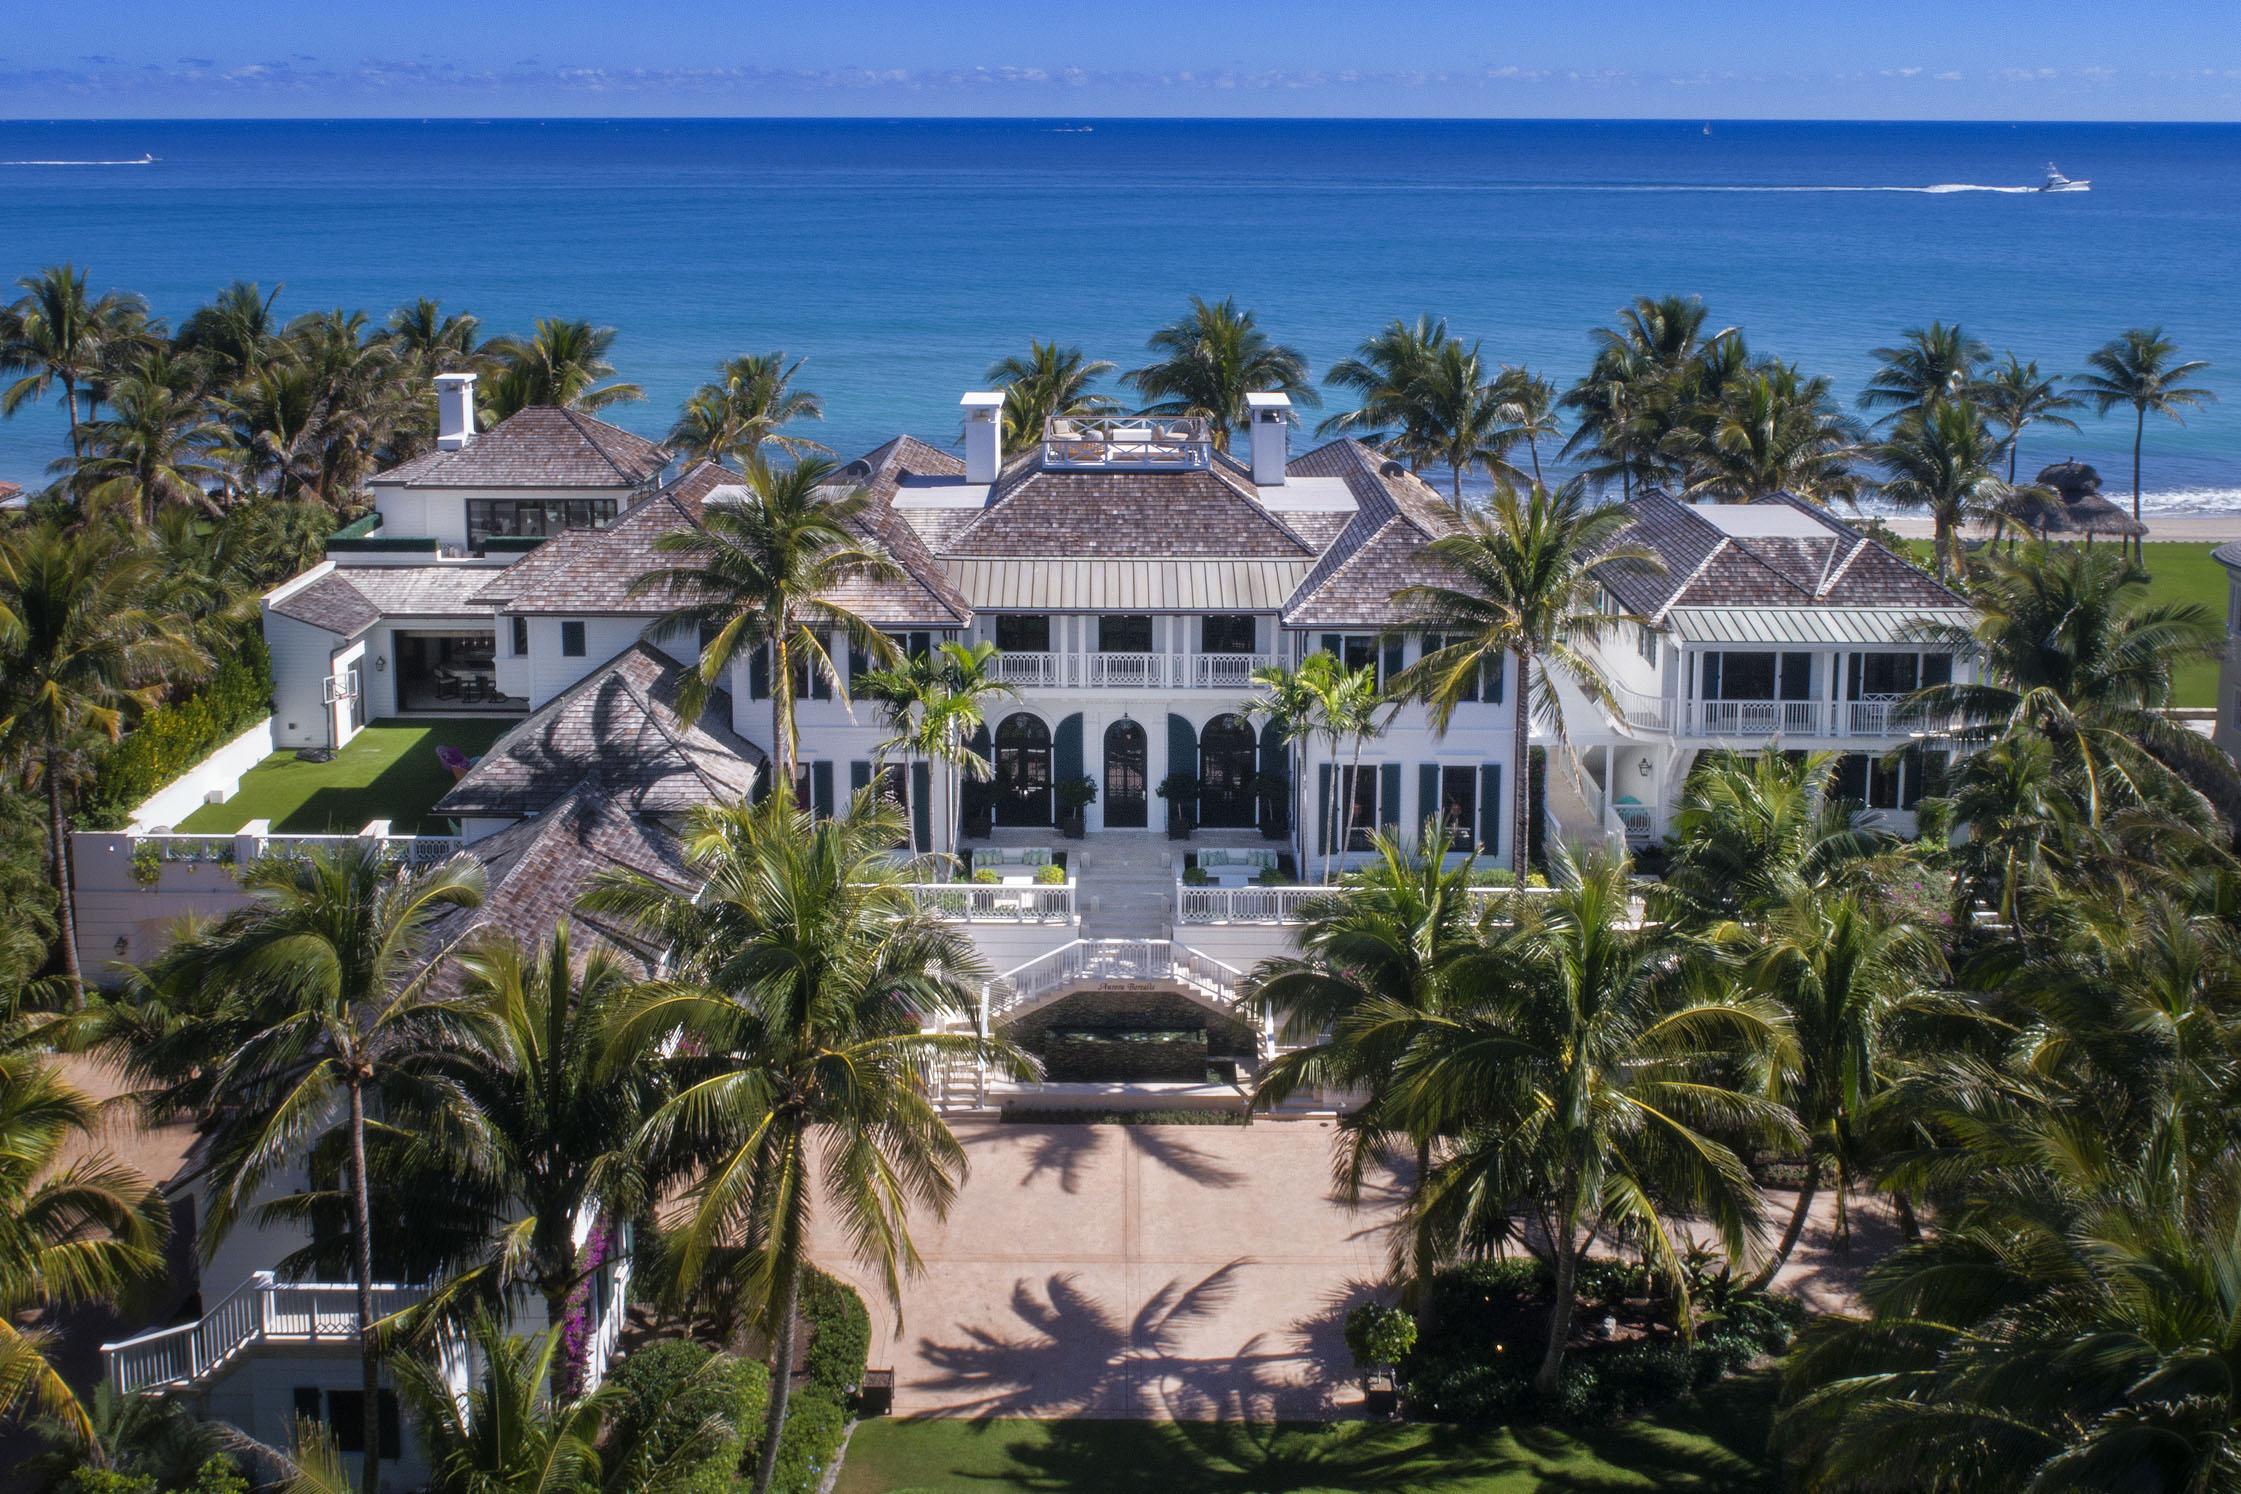 Elin Nordegren has put her stunning £36million mansion on the market